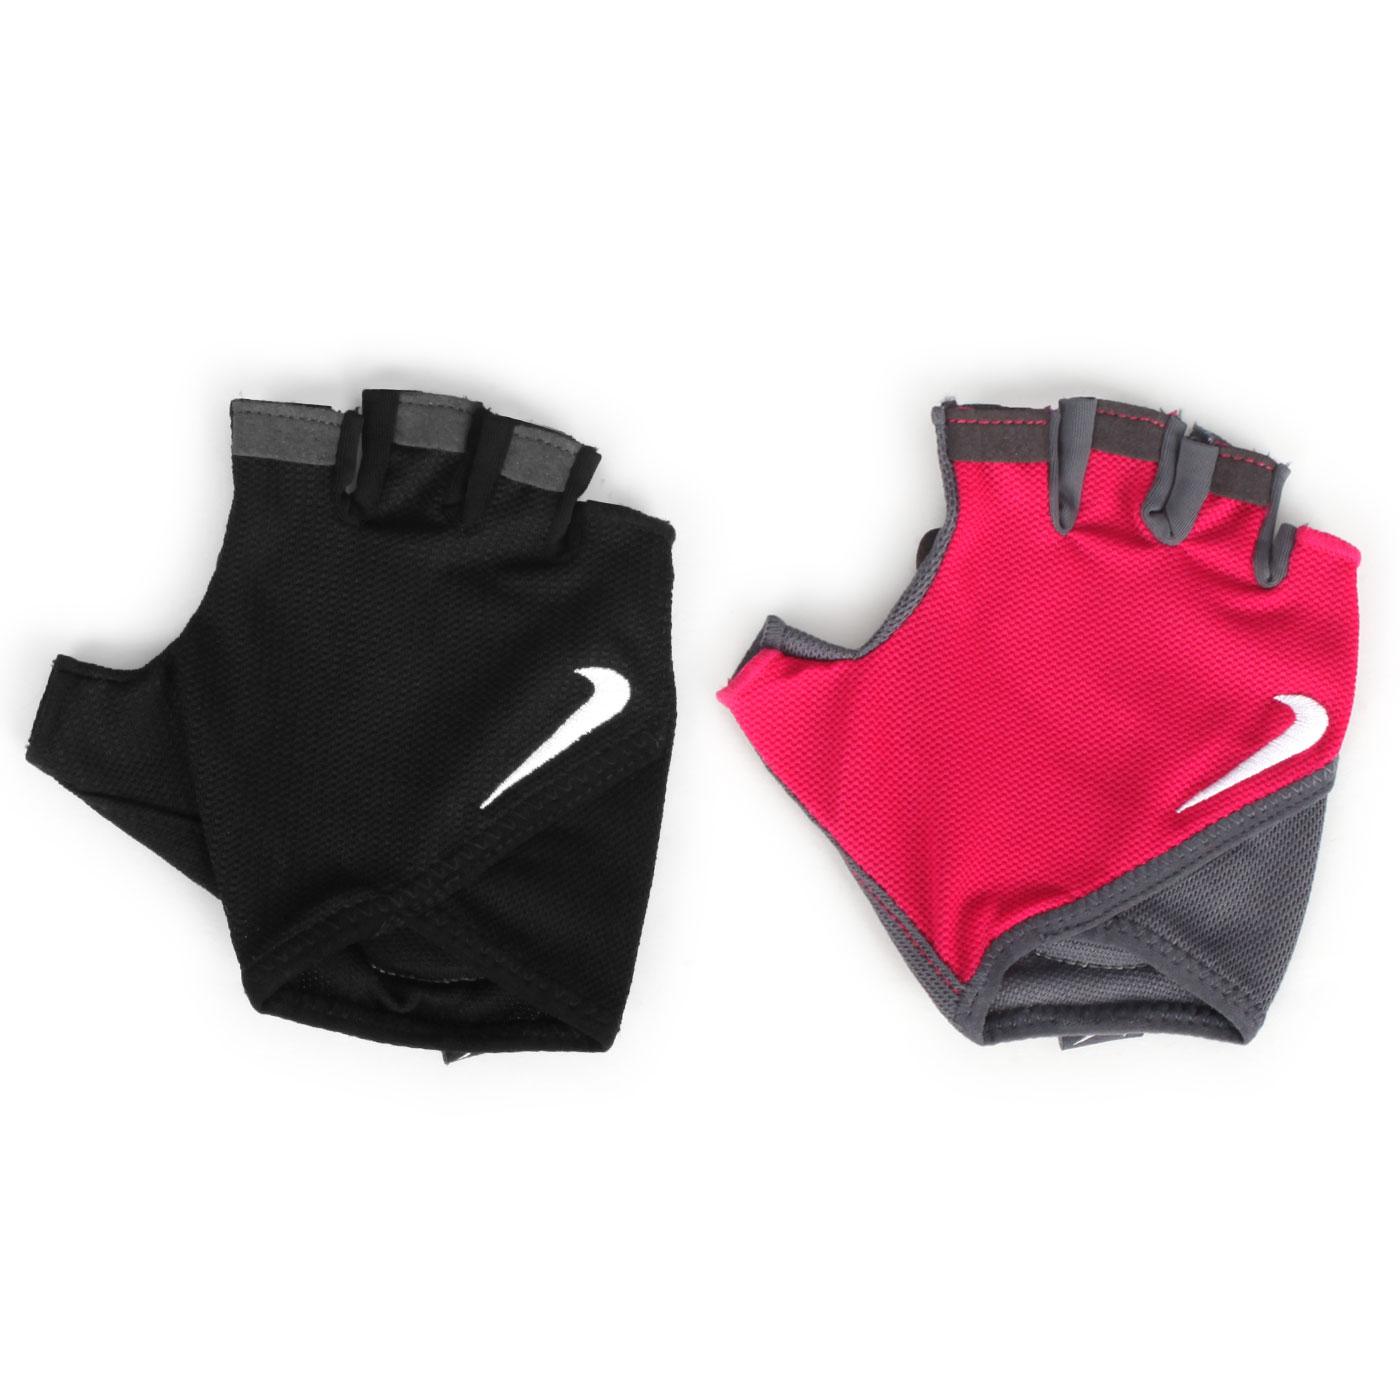 NIKE 女款基礎訓練手套 N0002557010LG